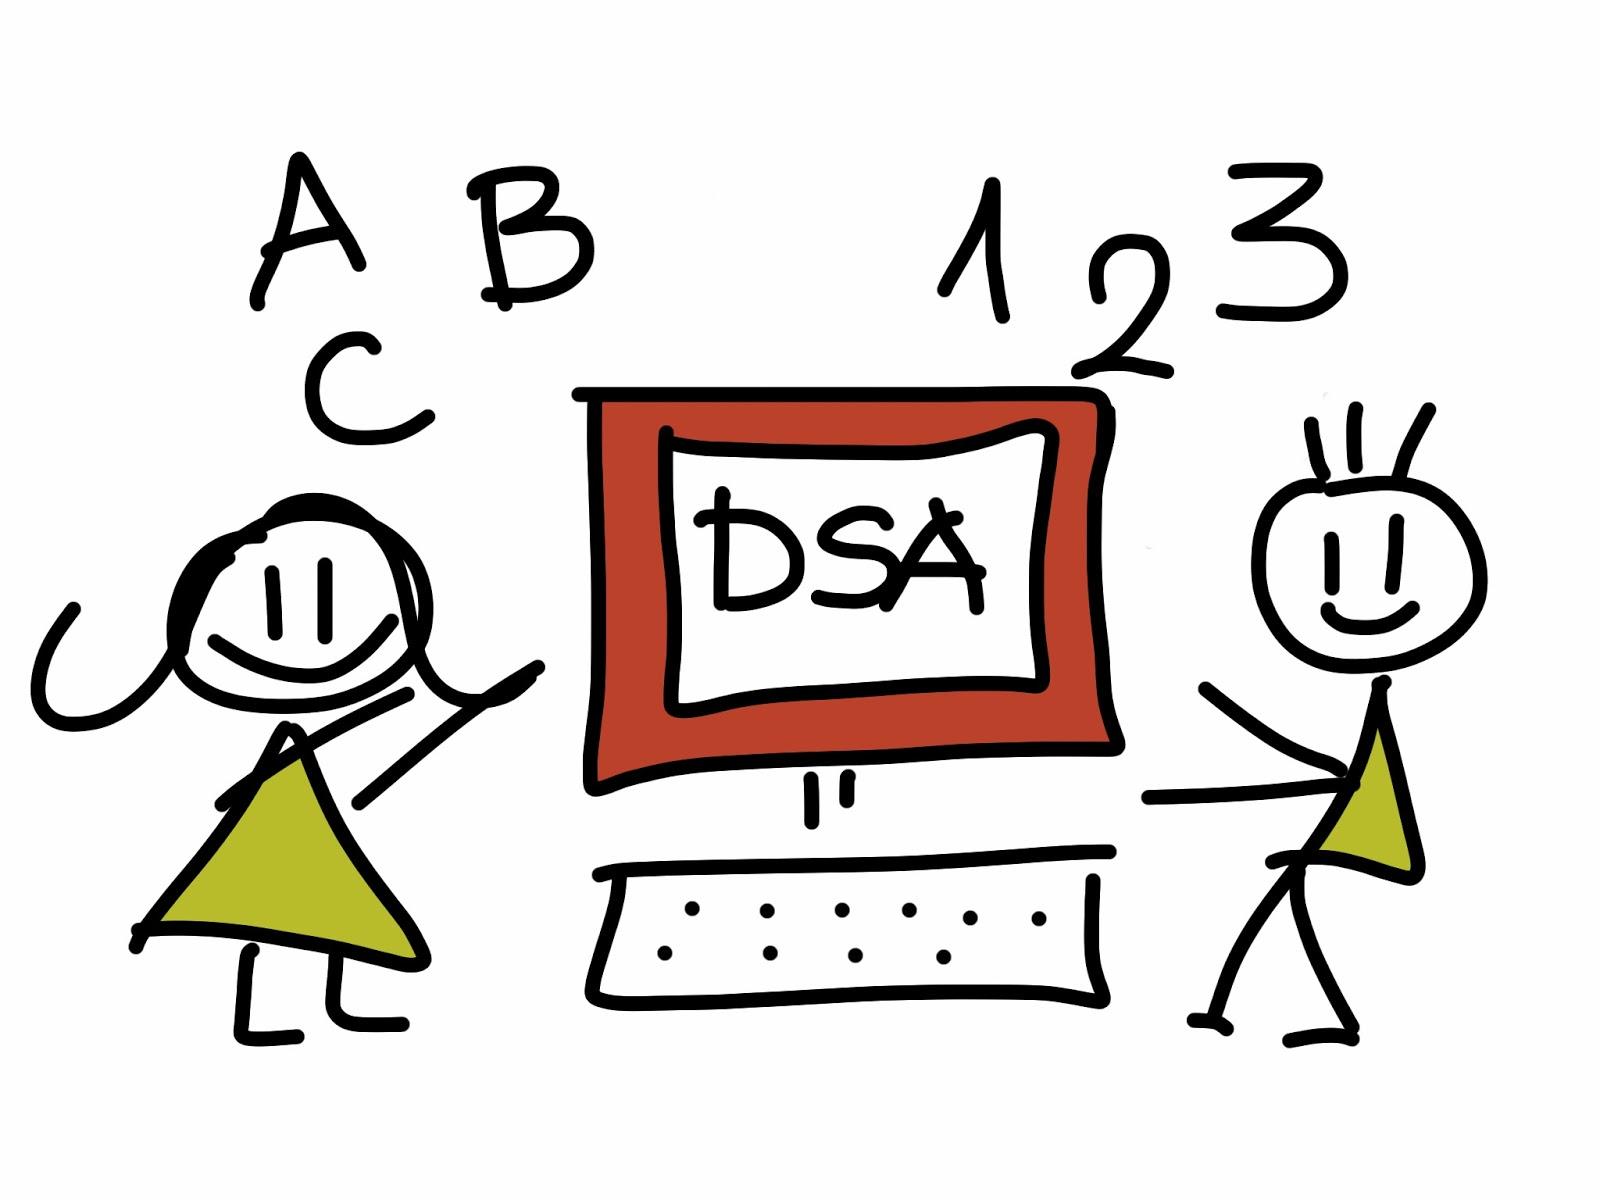 DSA/1 Dai processi alla clinica dei processi